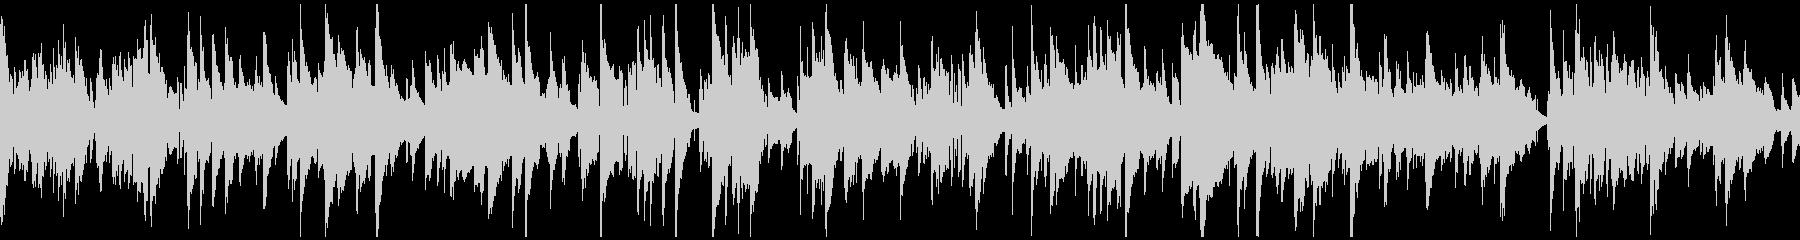 ジャズ、ラブシーン、サックス ※ループ版の未再生の波形